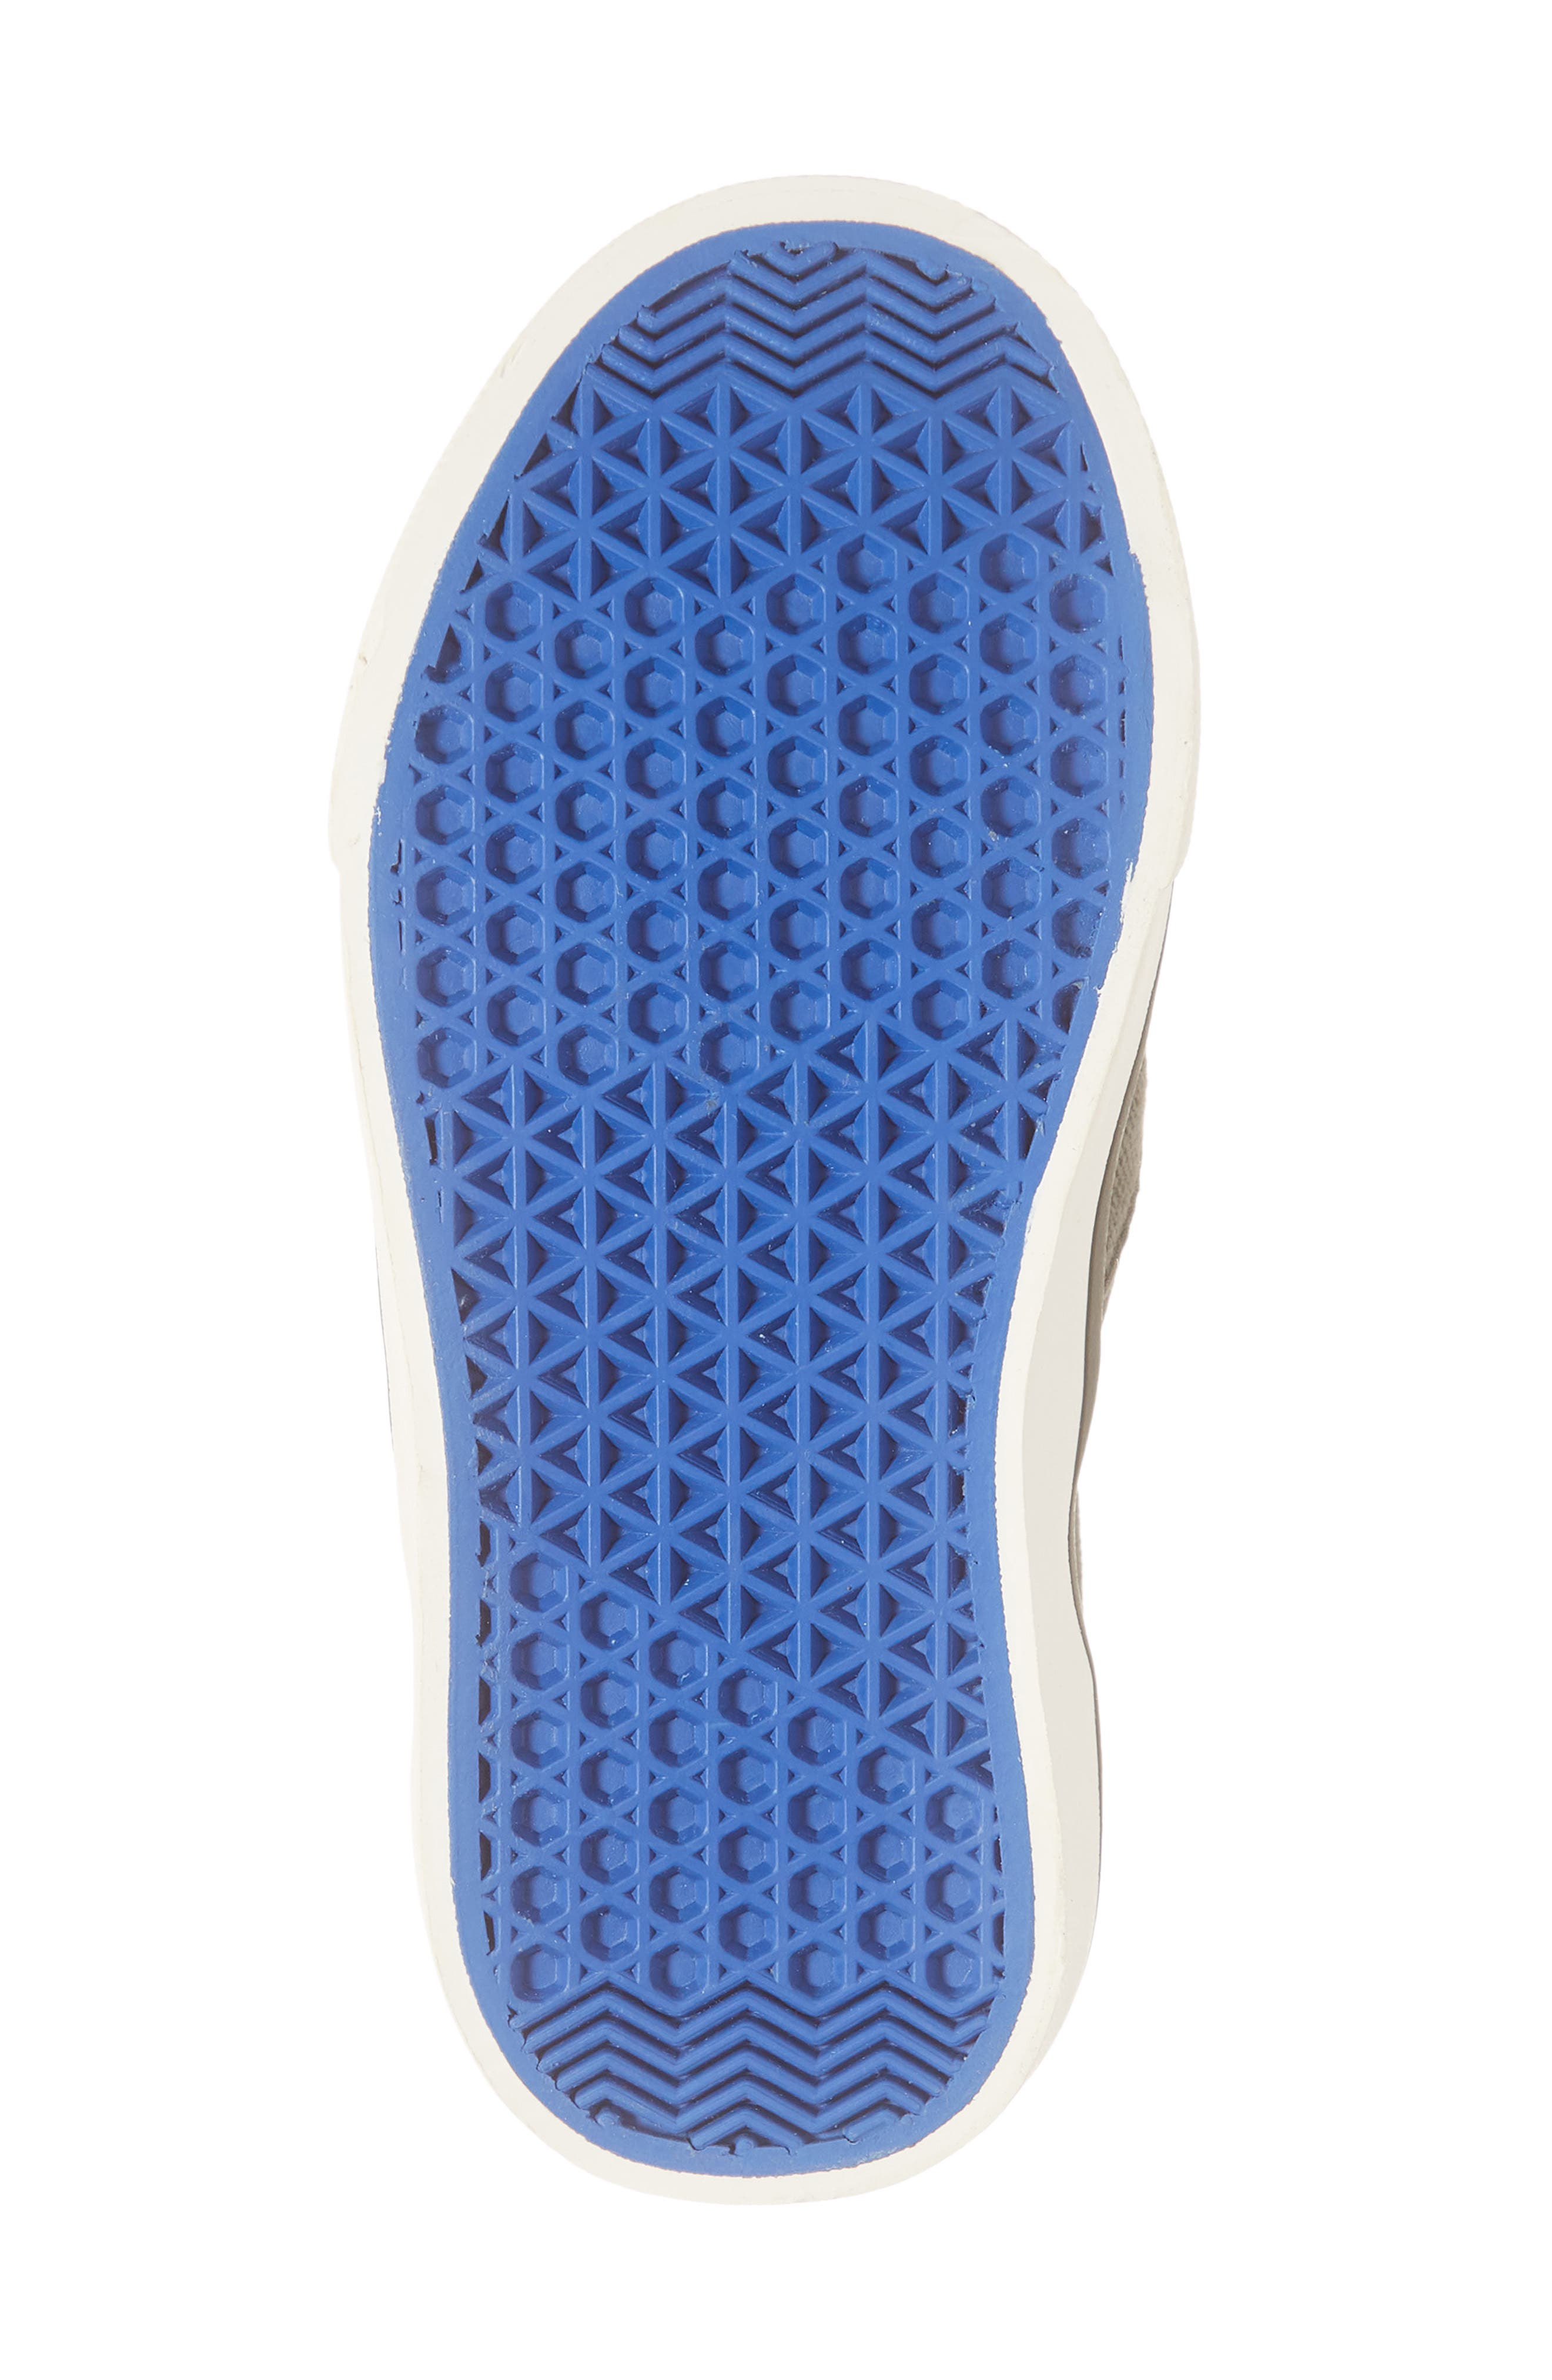 MINI BODEN,                             Slip-On Sneaker,                             Alternate thumbnail 6, color,                             ARMY GREEN